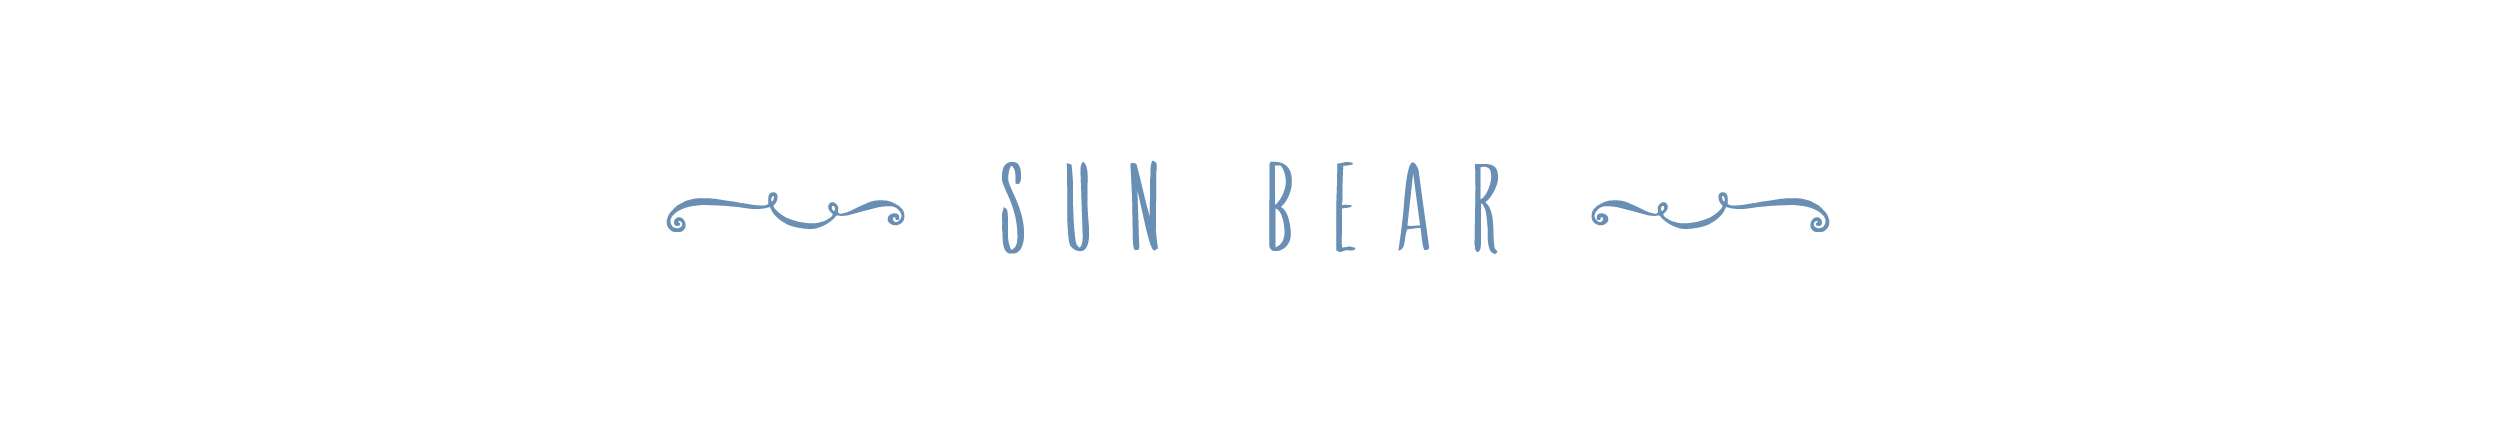 Sun Bear Banner2-01HRC